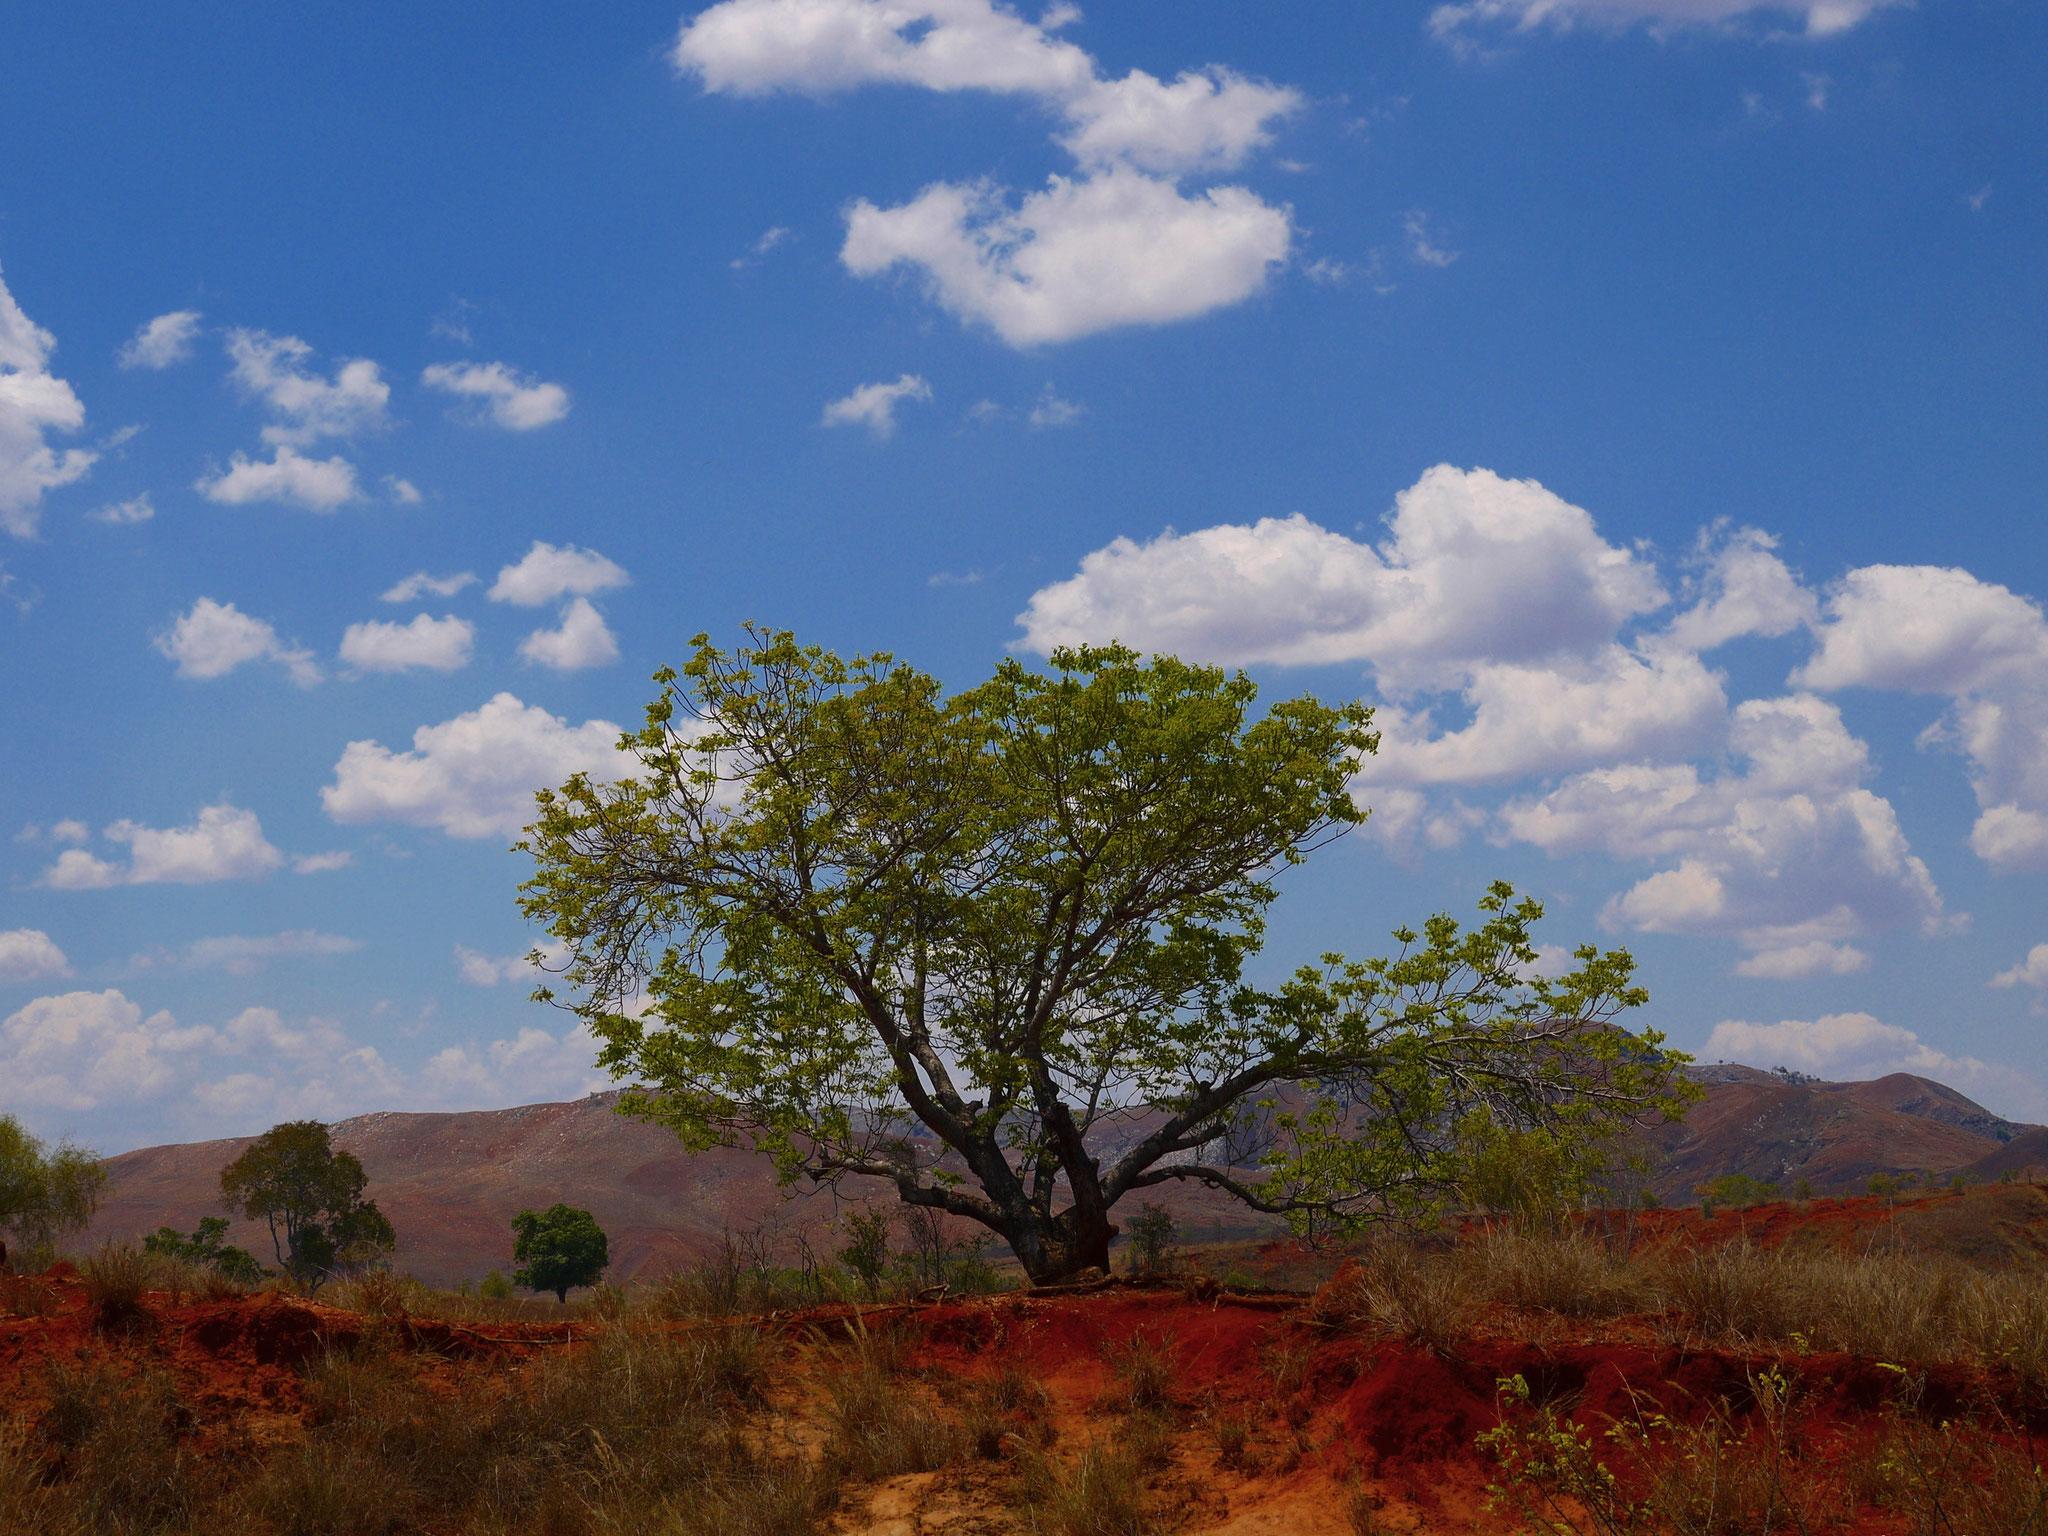 Wunderschöne Landschaft und kräftige Farben beeindrucken.